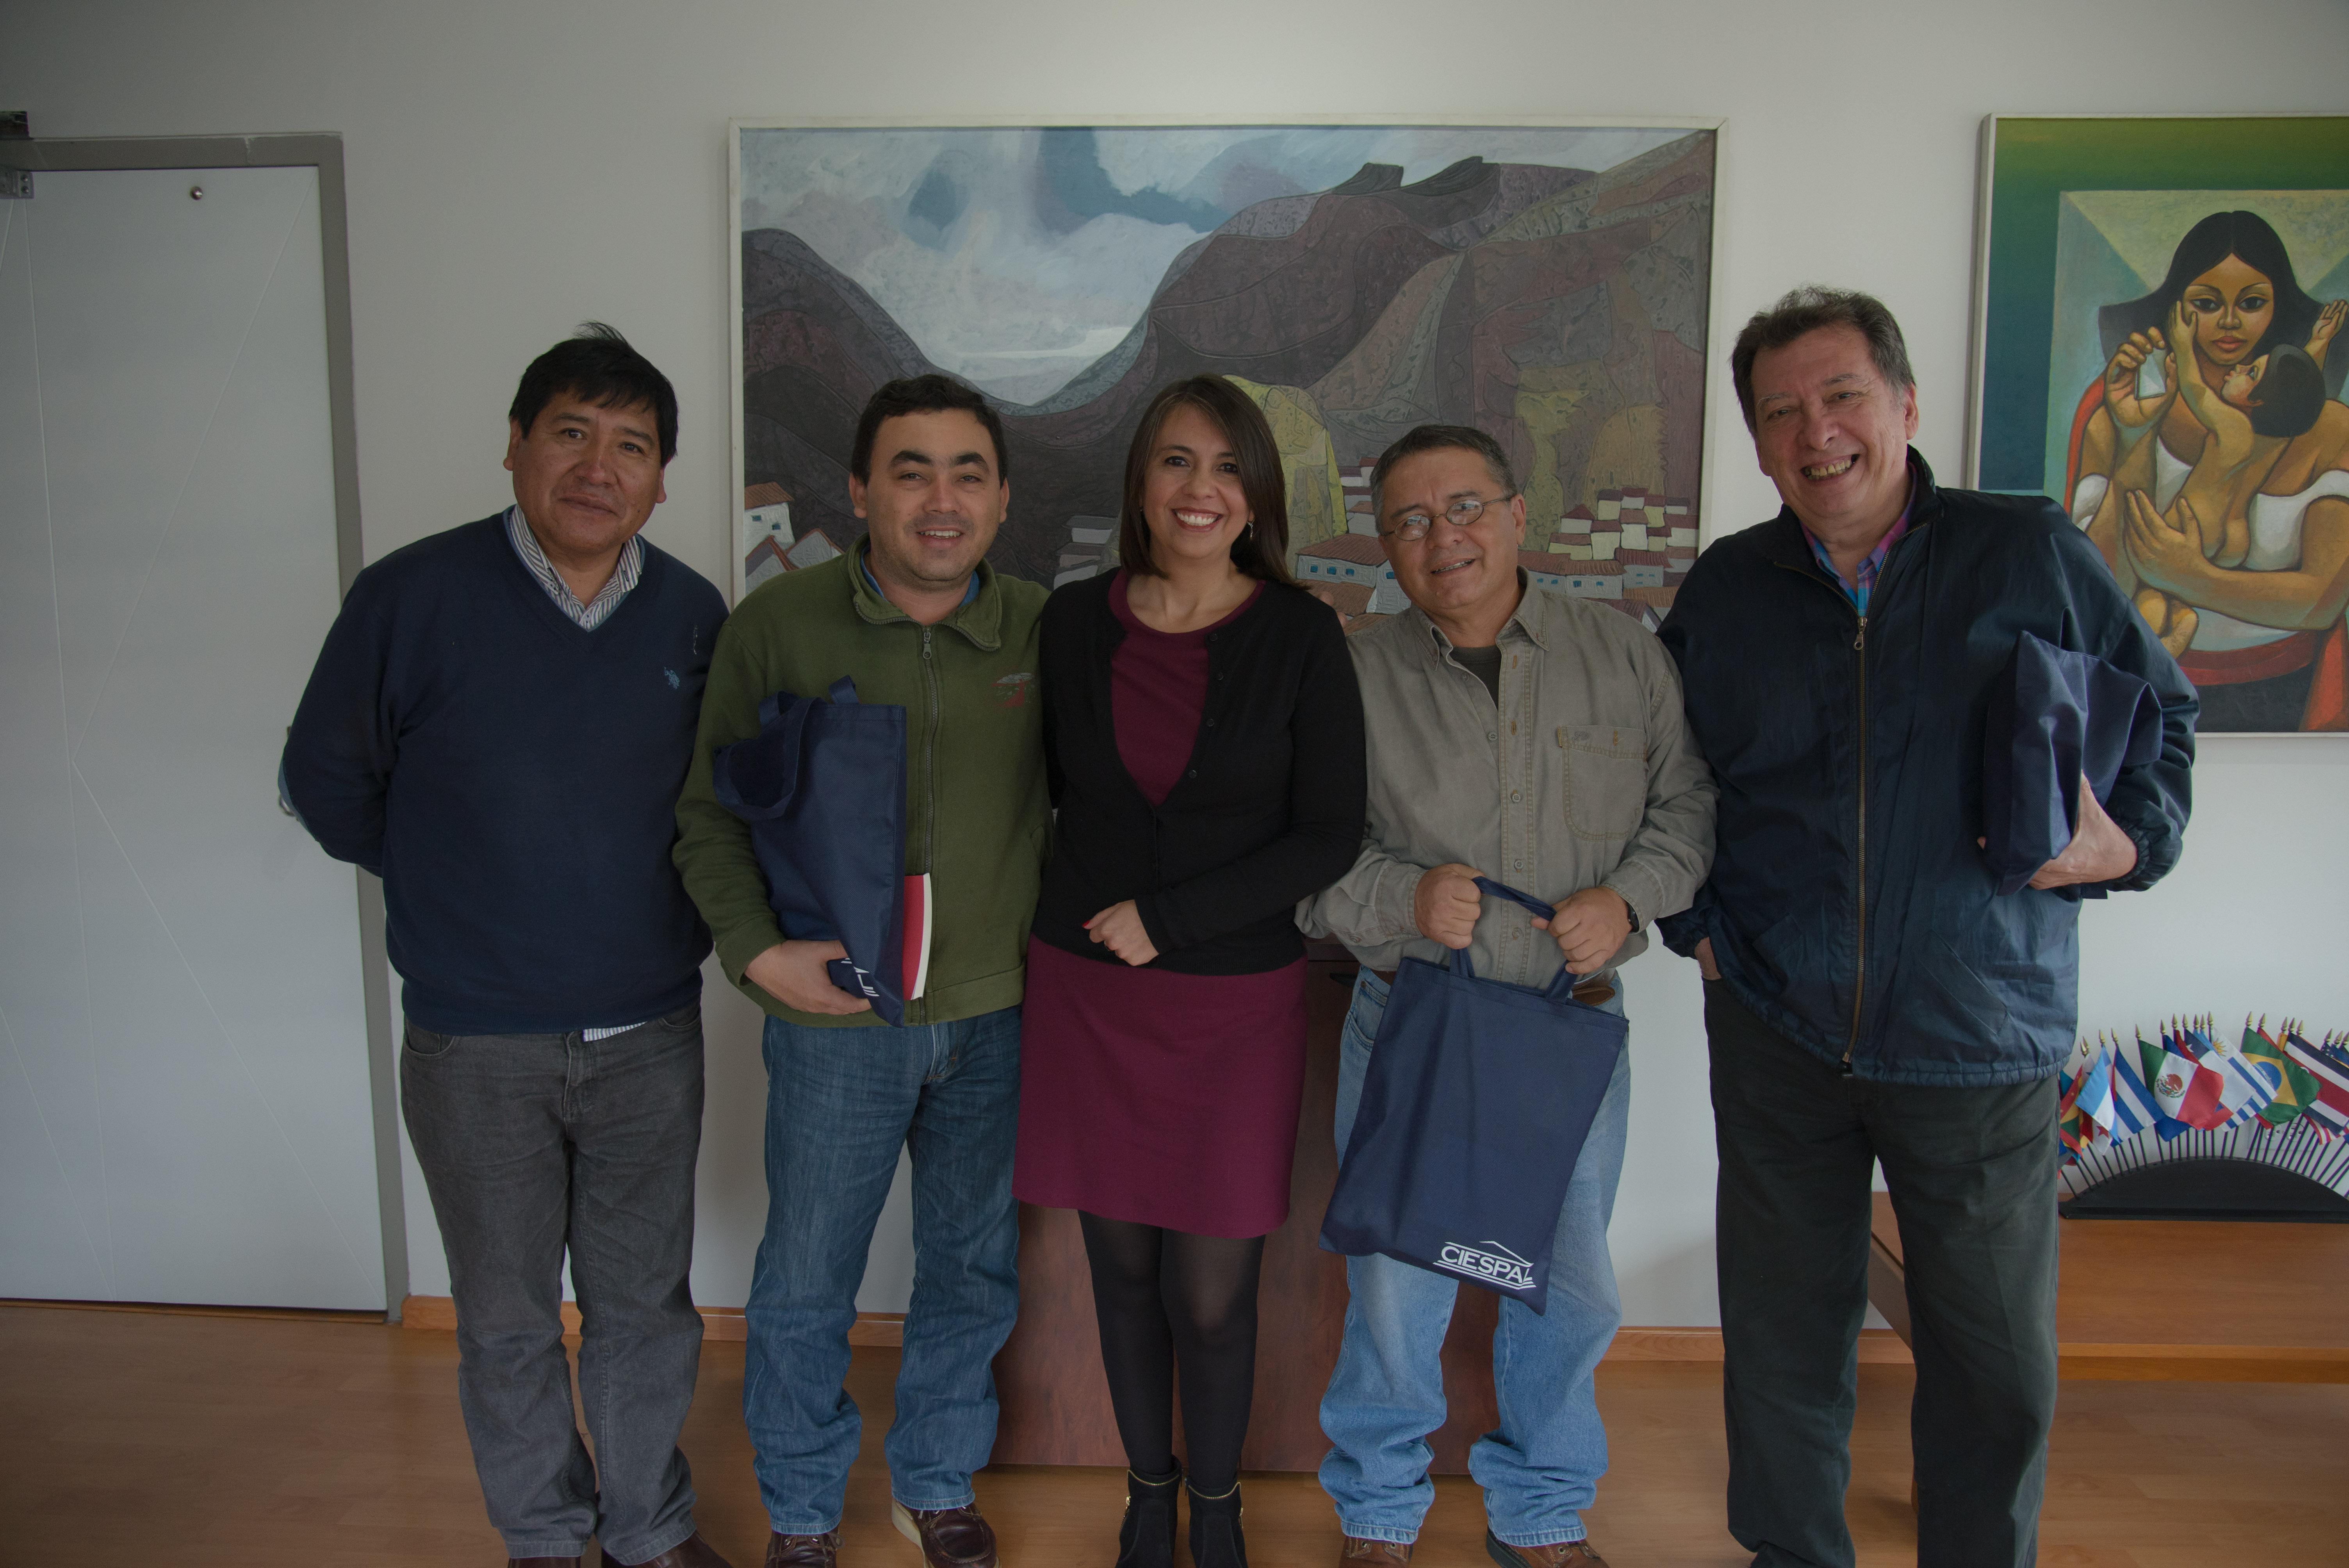 Directora de CIESPAL se reunió con junta directiva de ALER para estrechar lazos de cooperación interinstitucional